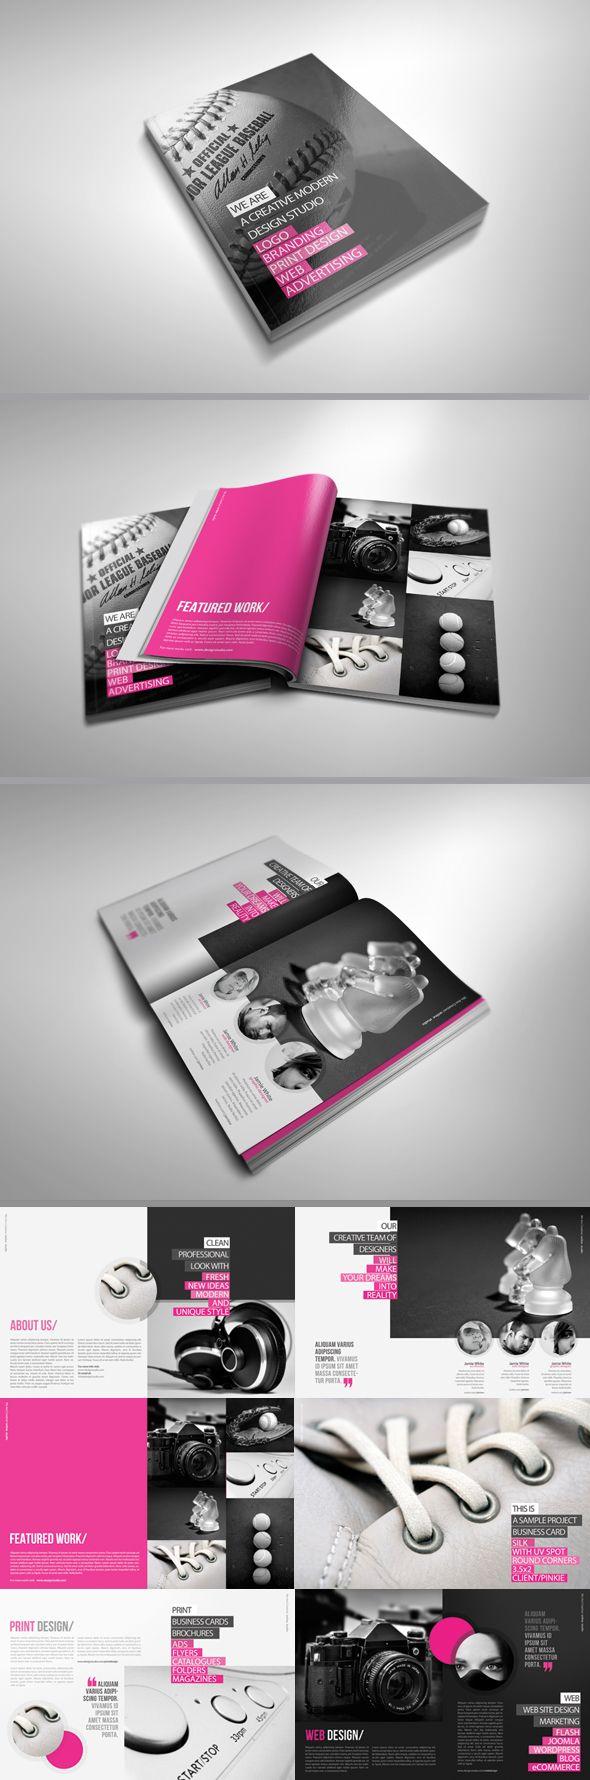 Creative Catalogue / Brochure by 24beyond.deviantart.com on @deviantART